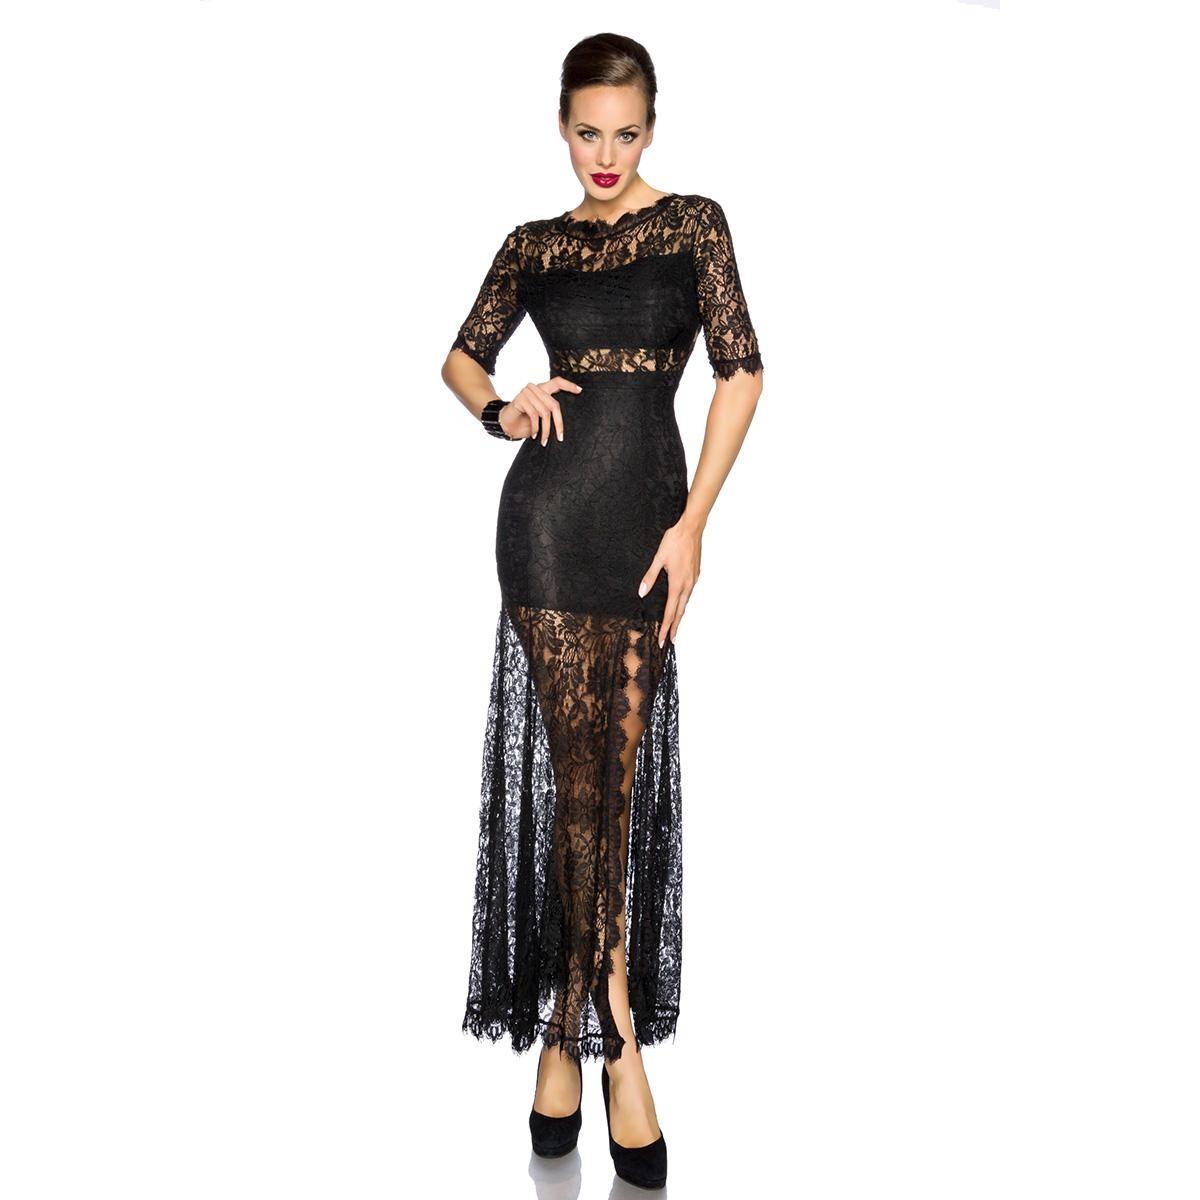 Abendkleid mit Spitze - schwarz